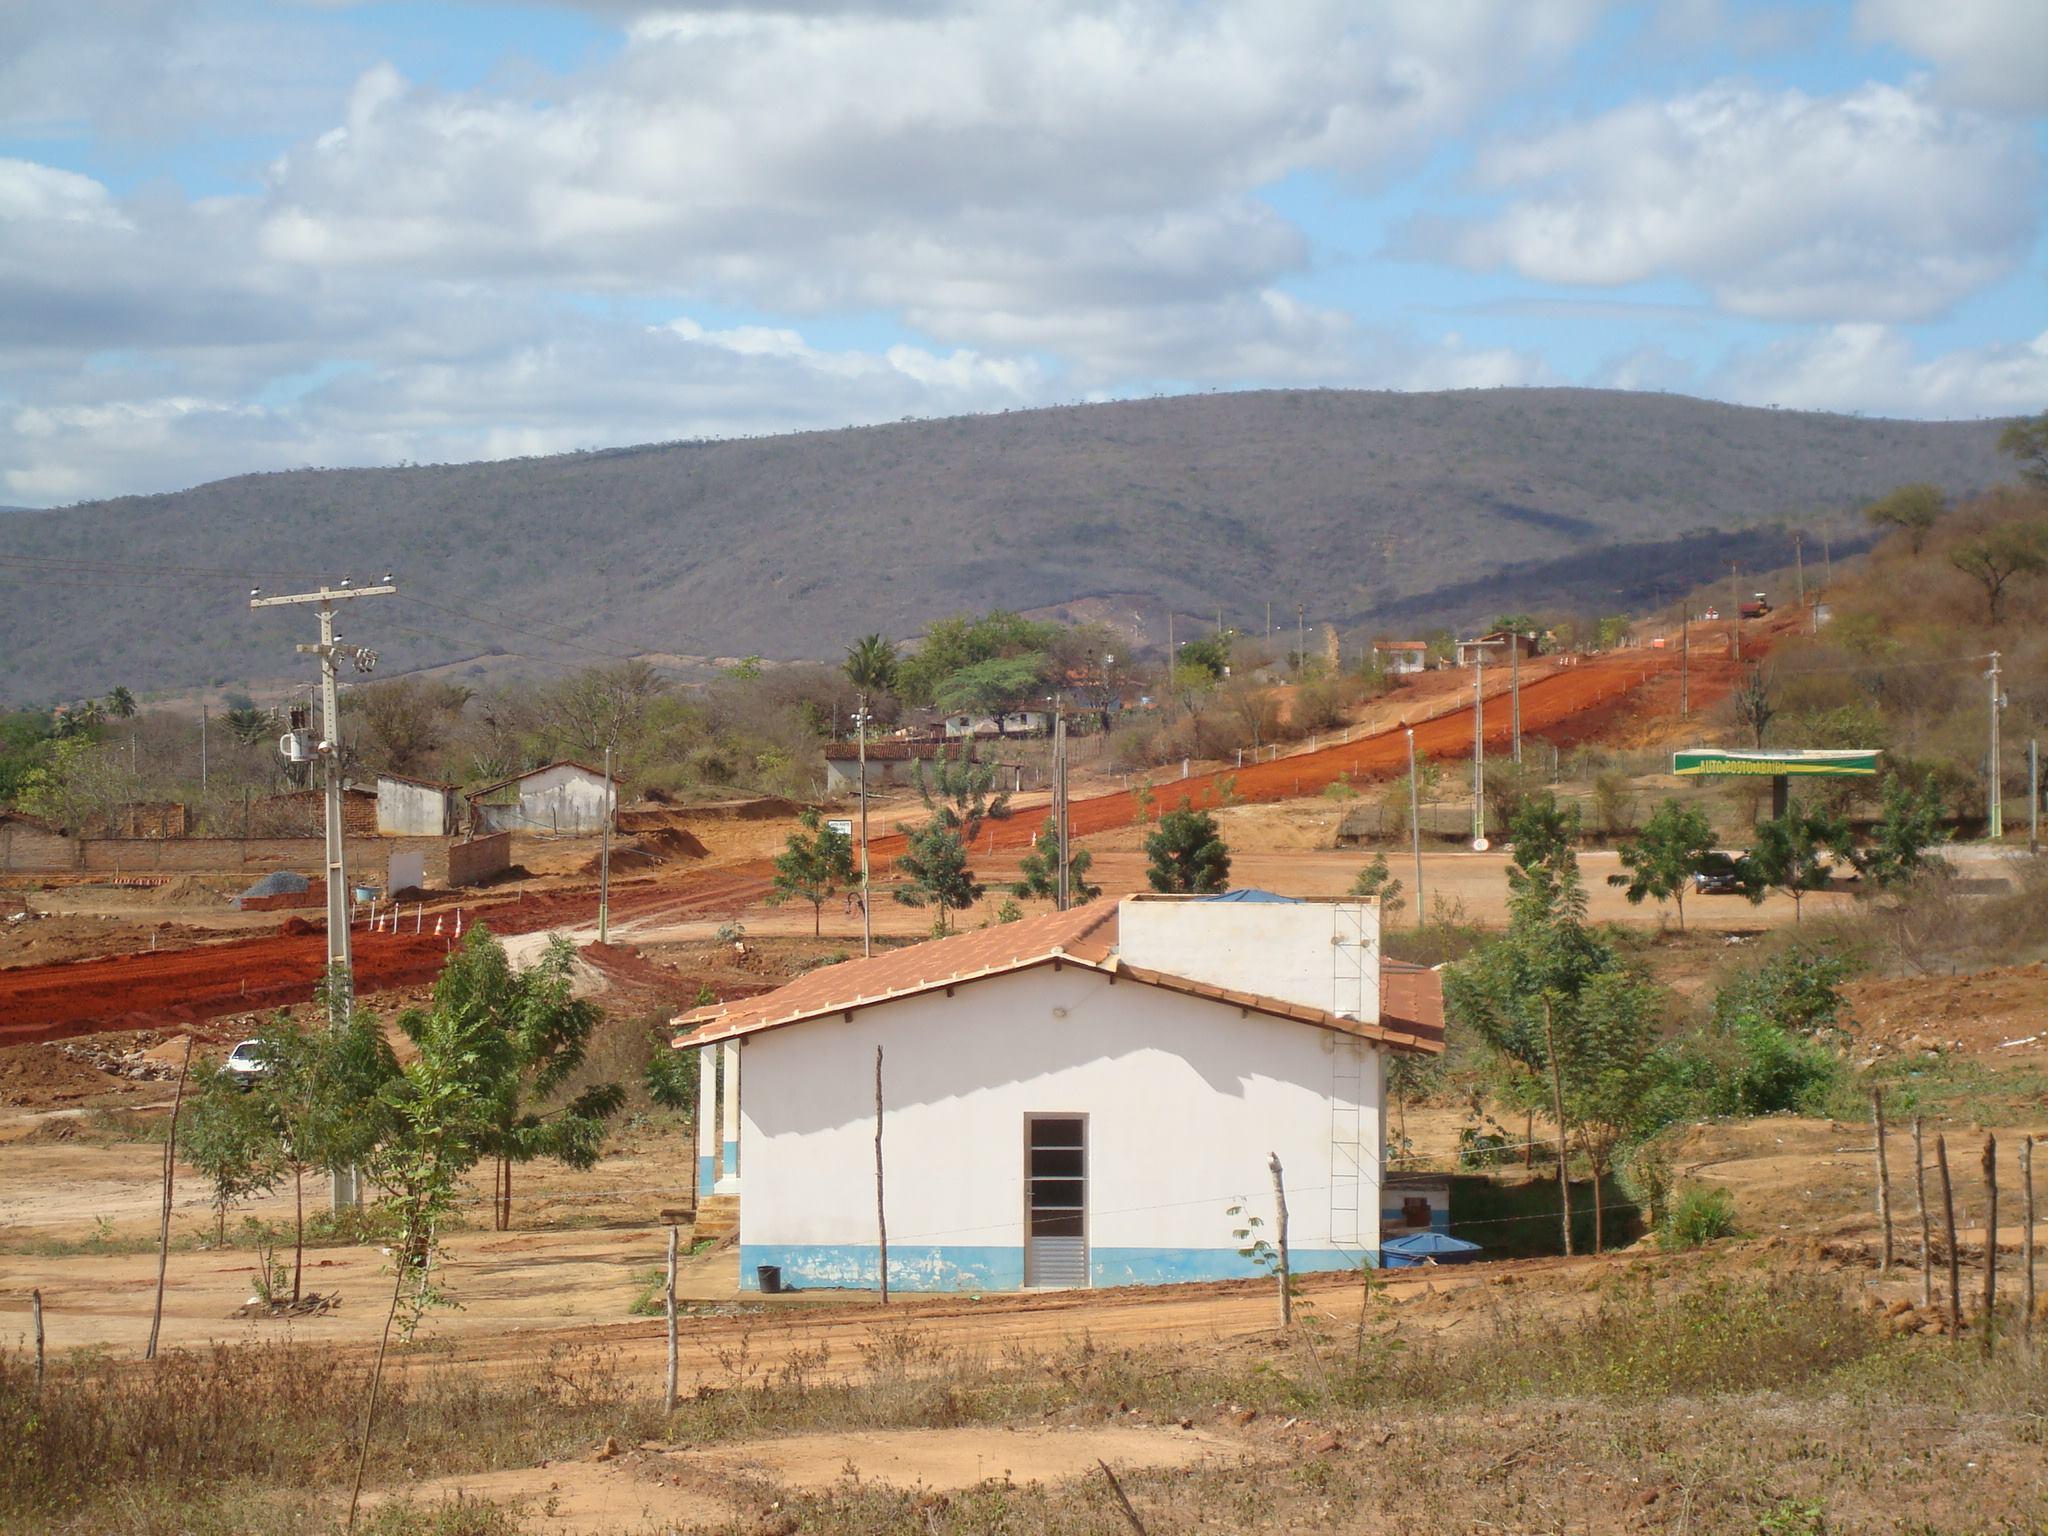 Fotos-uit-de-regio-van-Ibitiara-en-Seabra-aan-de-grote-BR-242-24